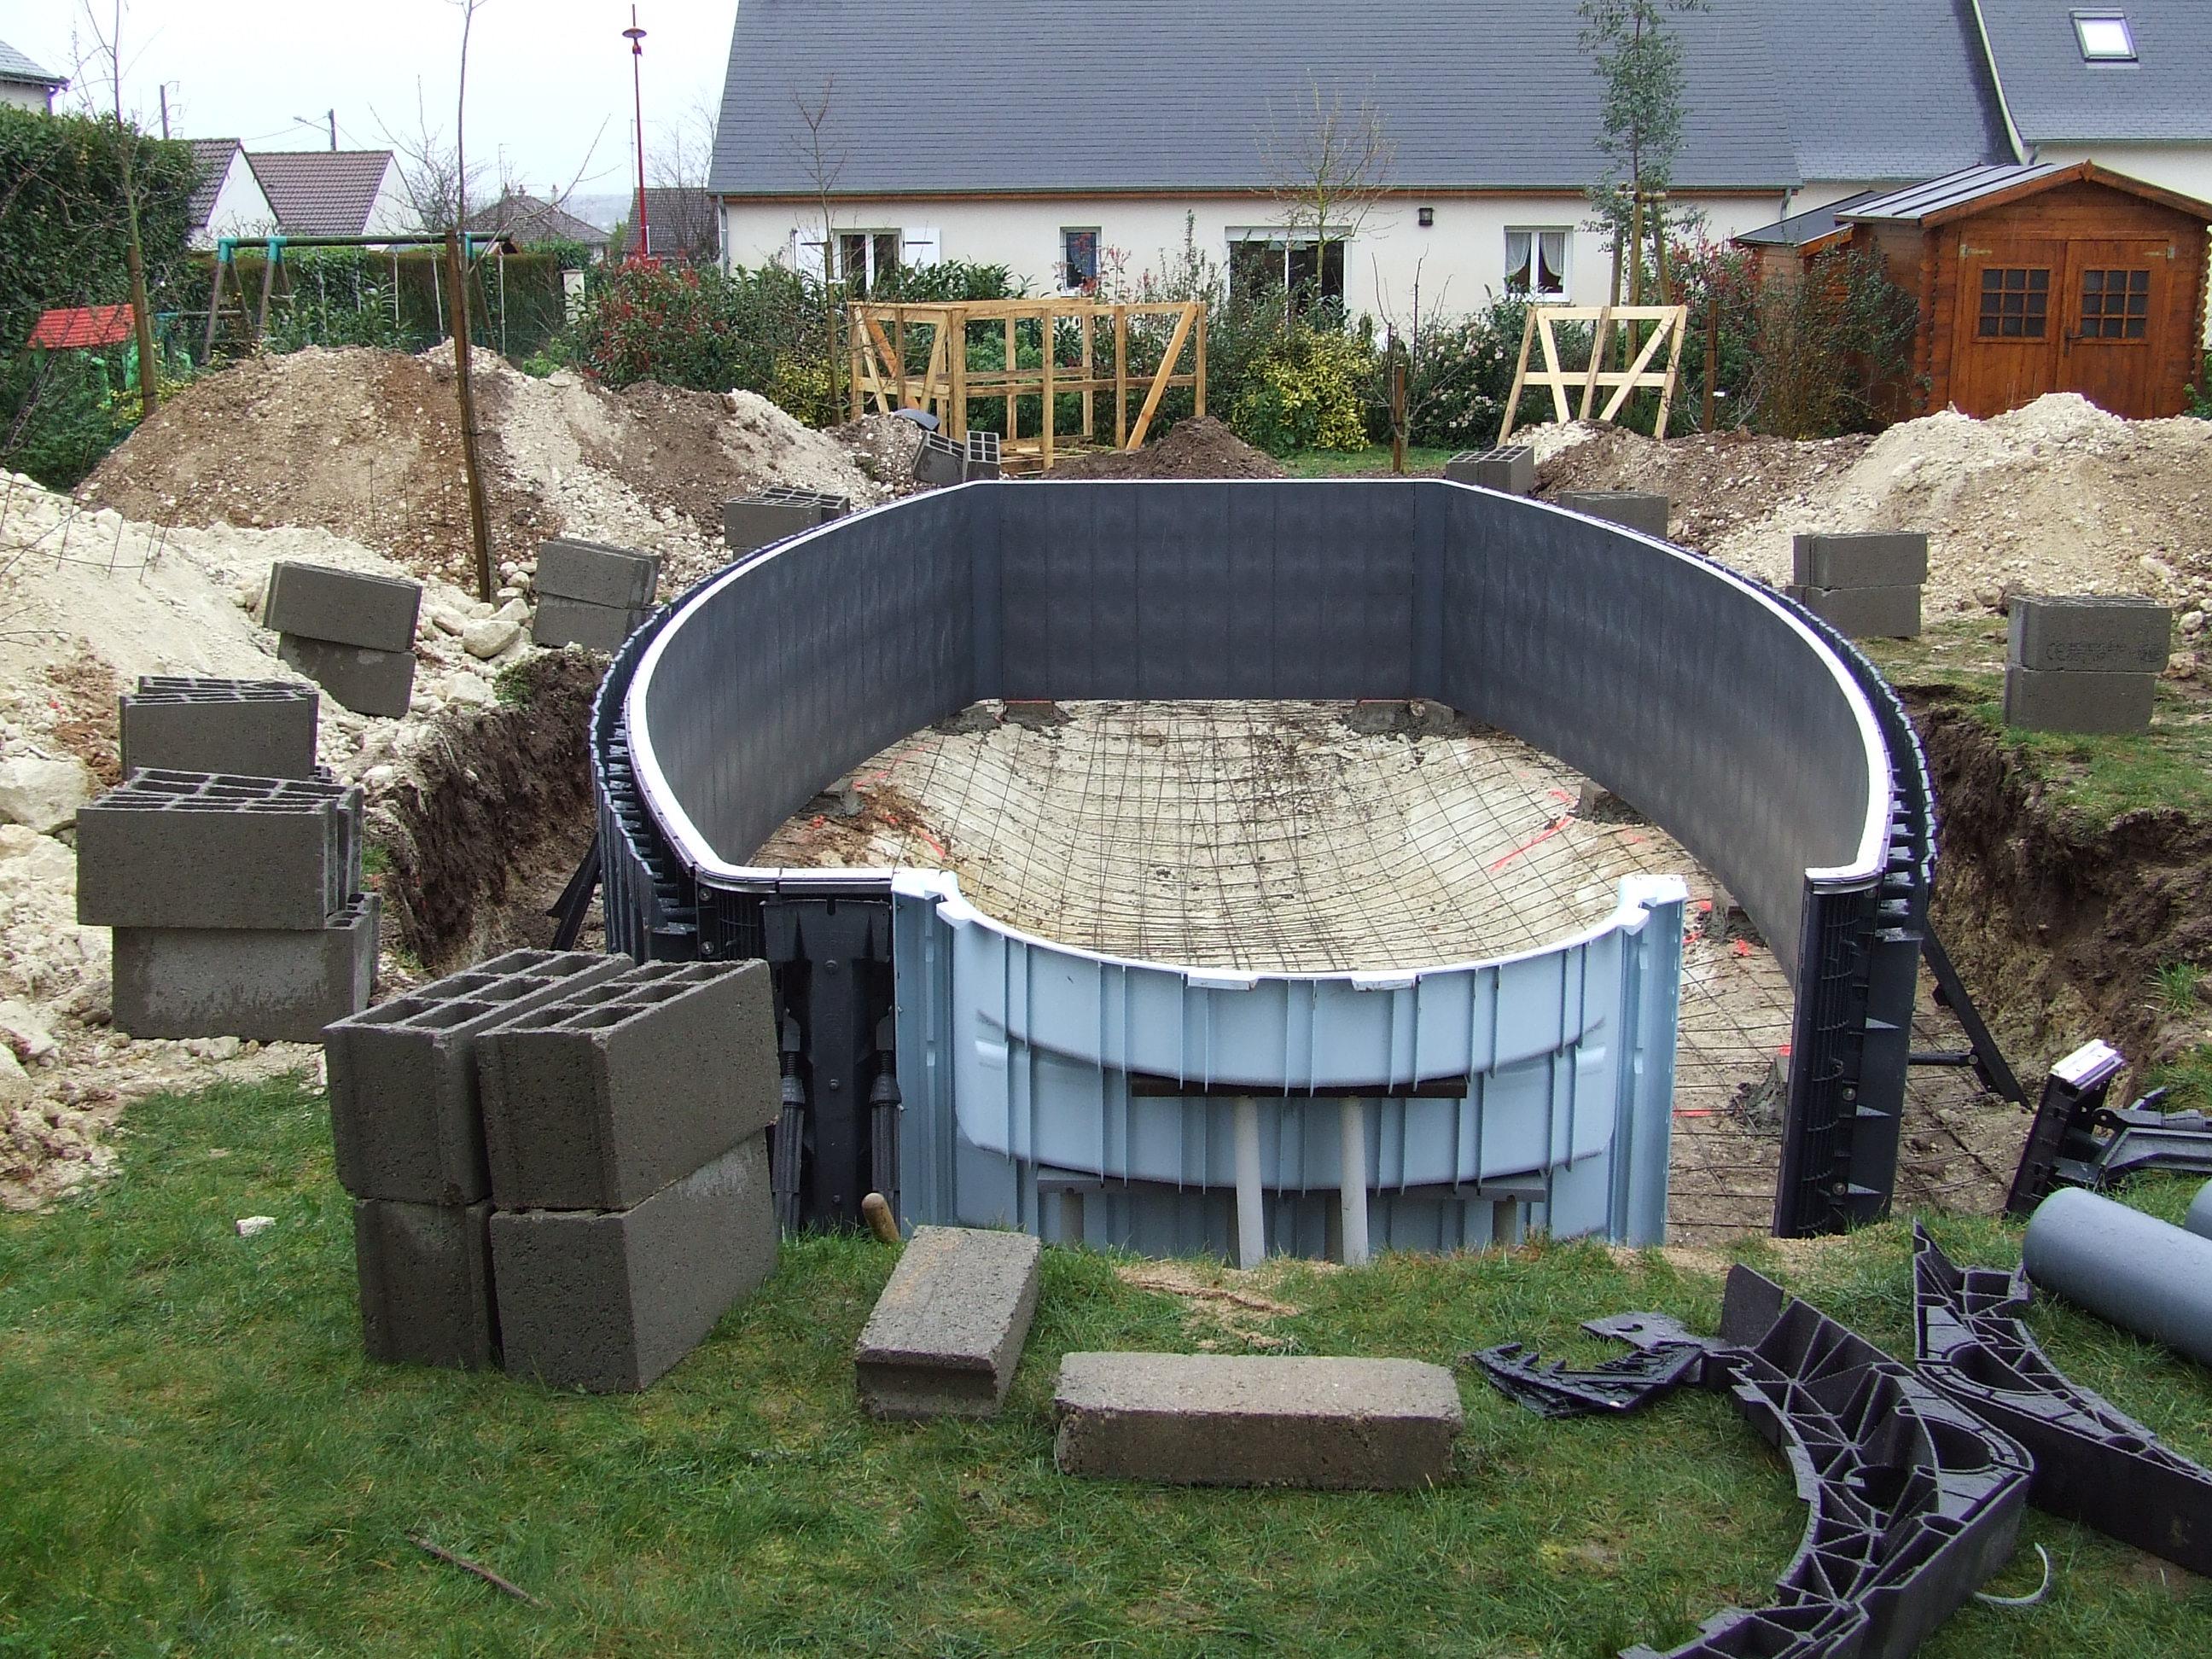 C le montage de la structure une piscine desjoyaux chez for Construction piscine desjoyaux